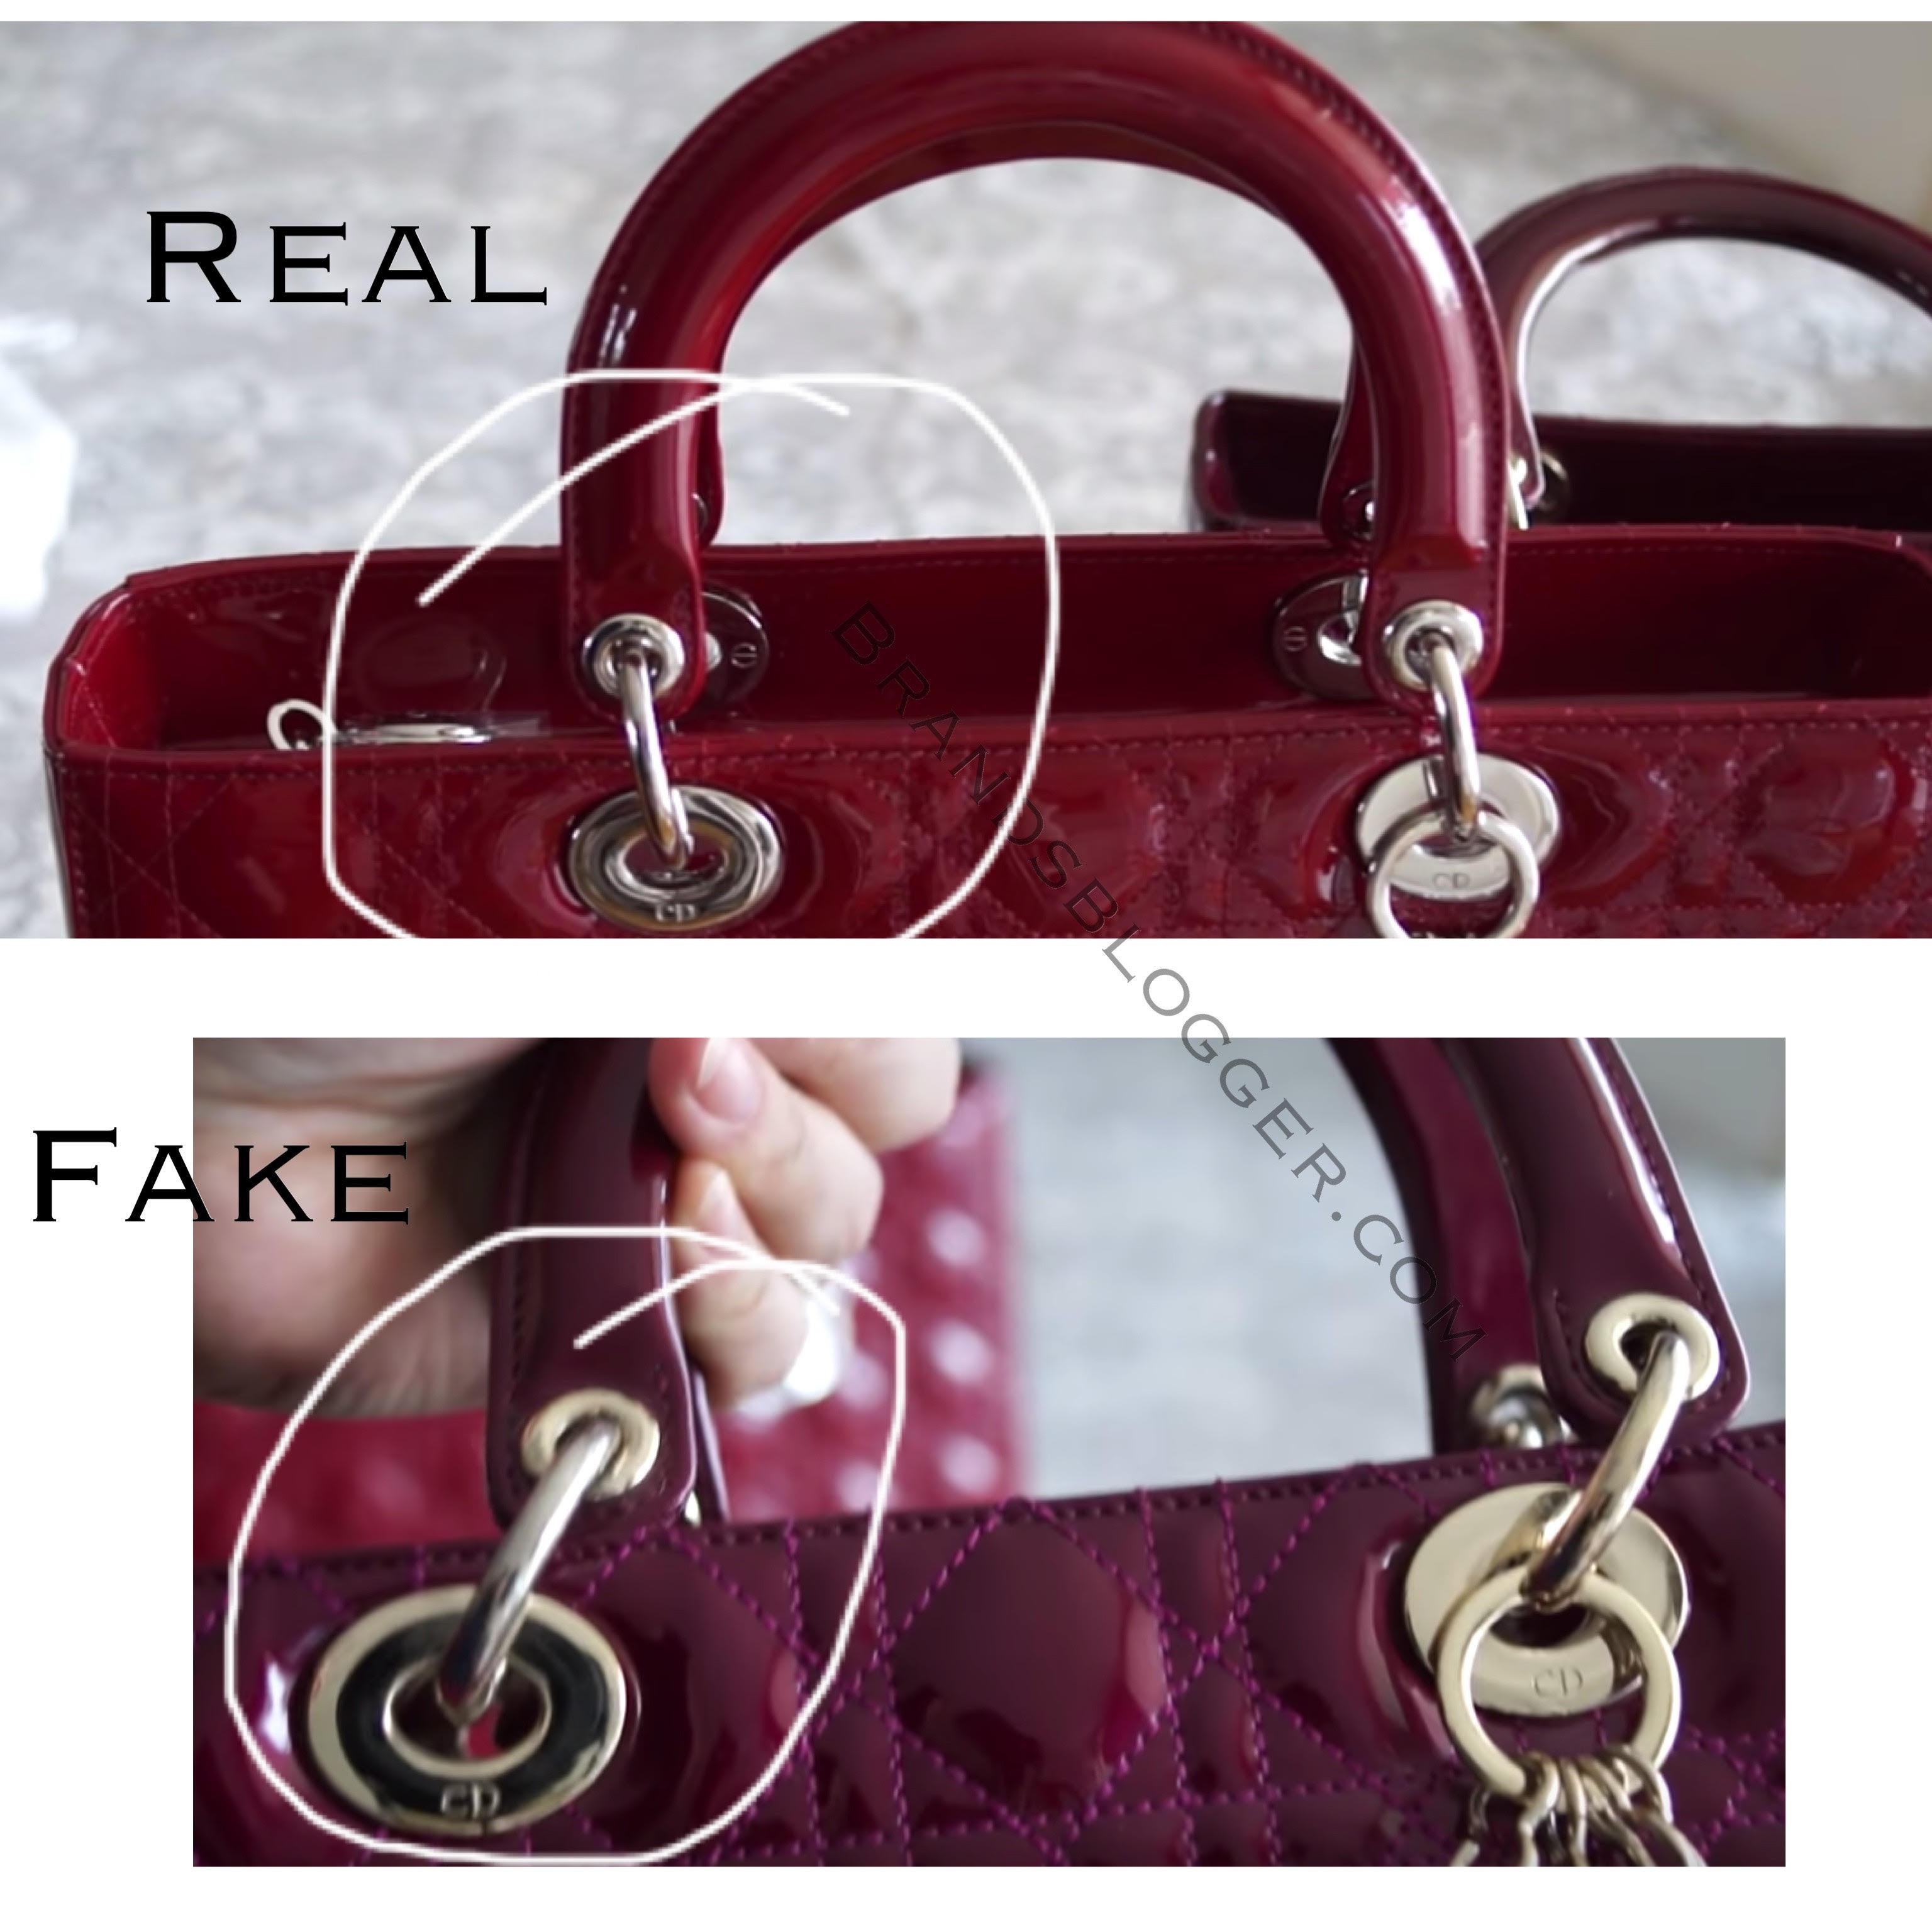 How To Spot A Fake Lady Dior Handbag - Brands Blogger fa50c12a80871